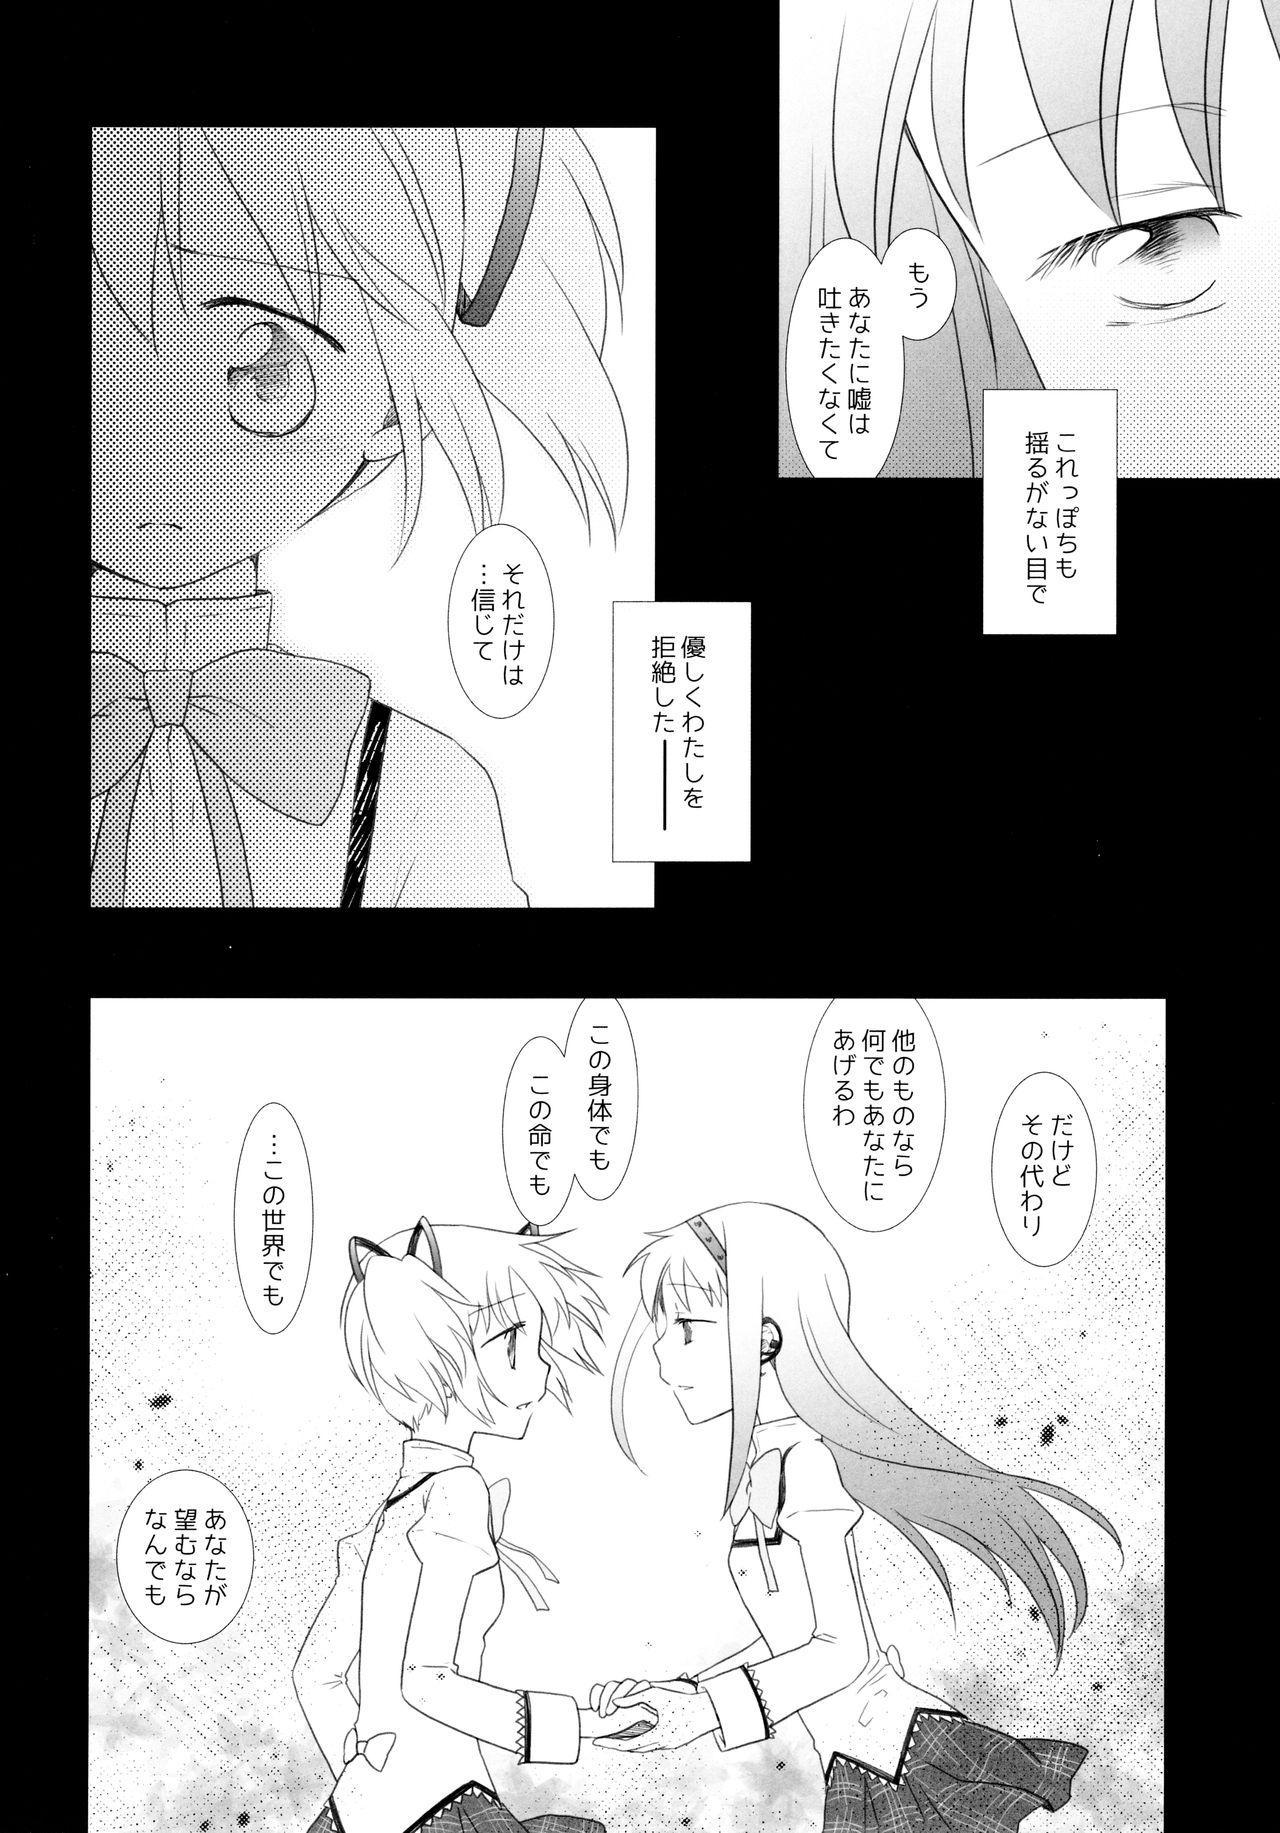 Utsuro no Mori 10